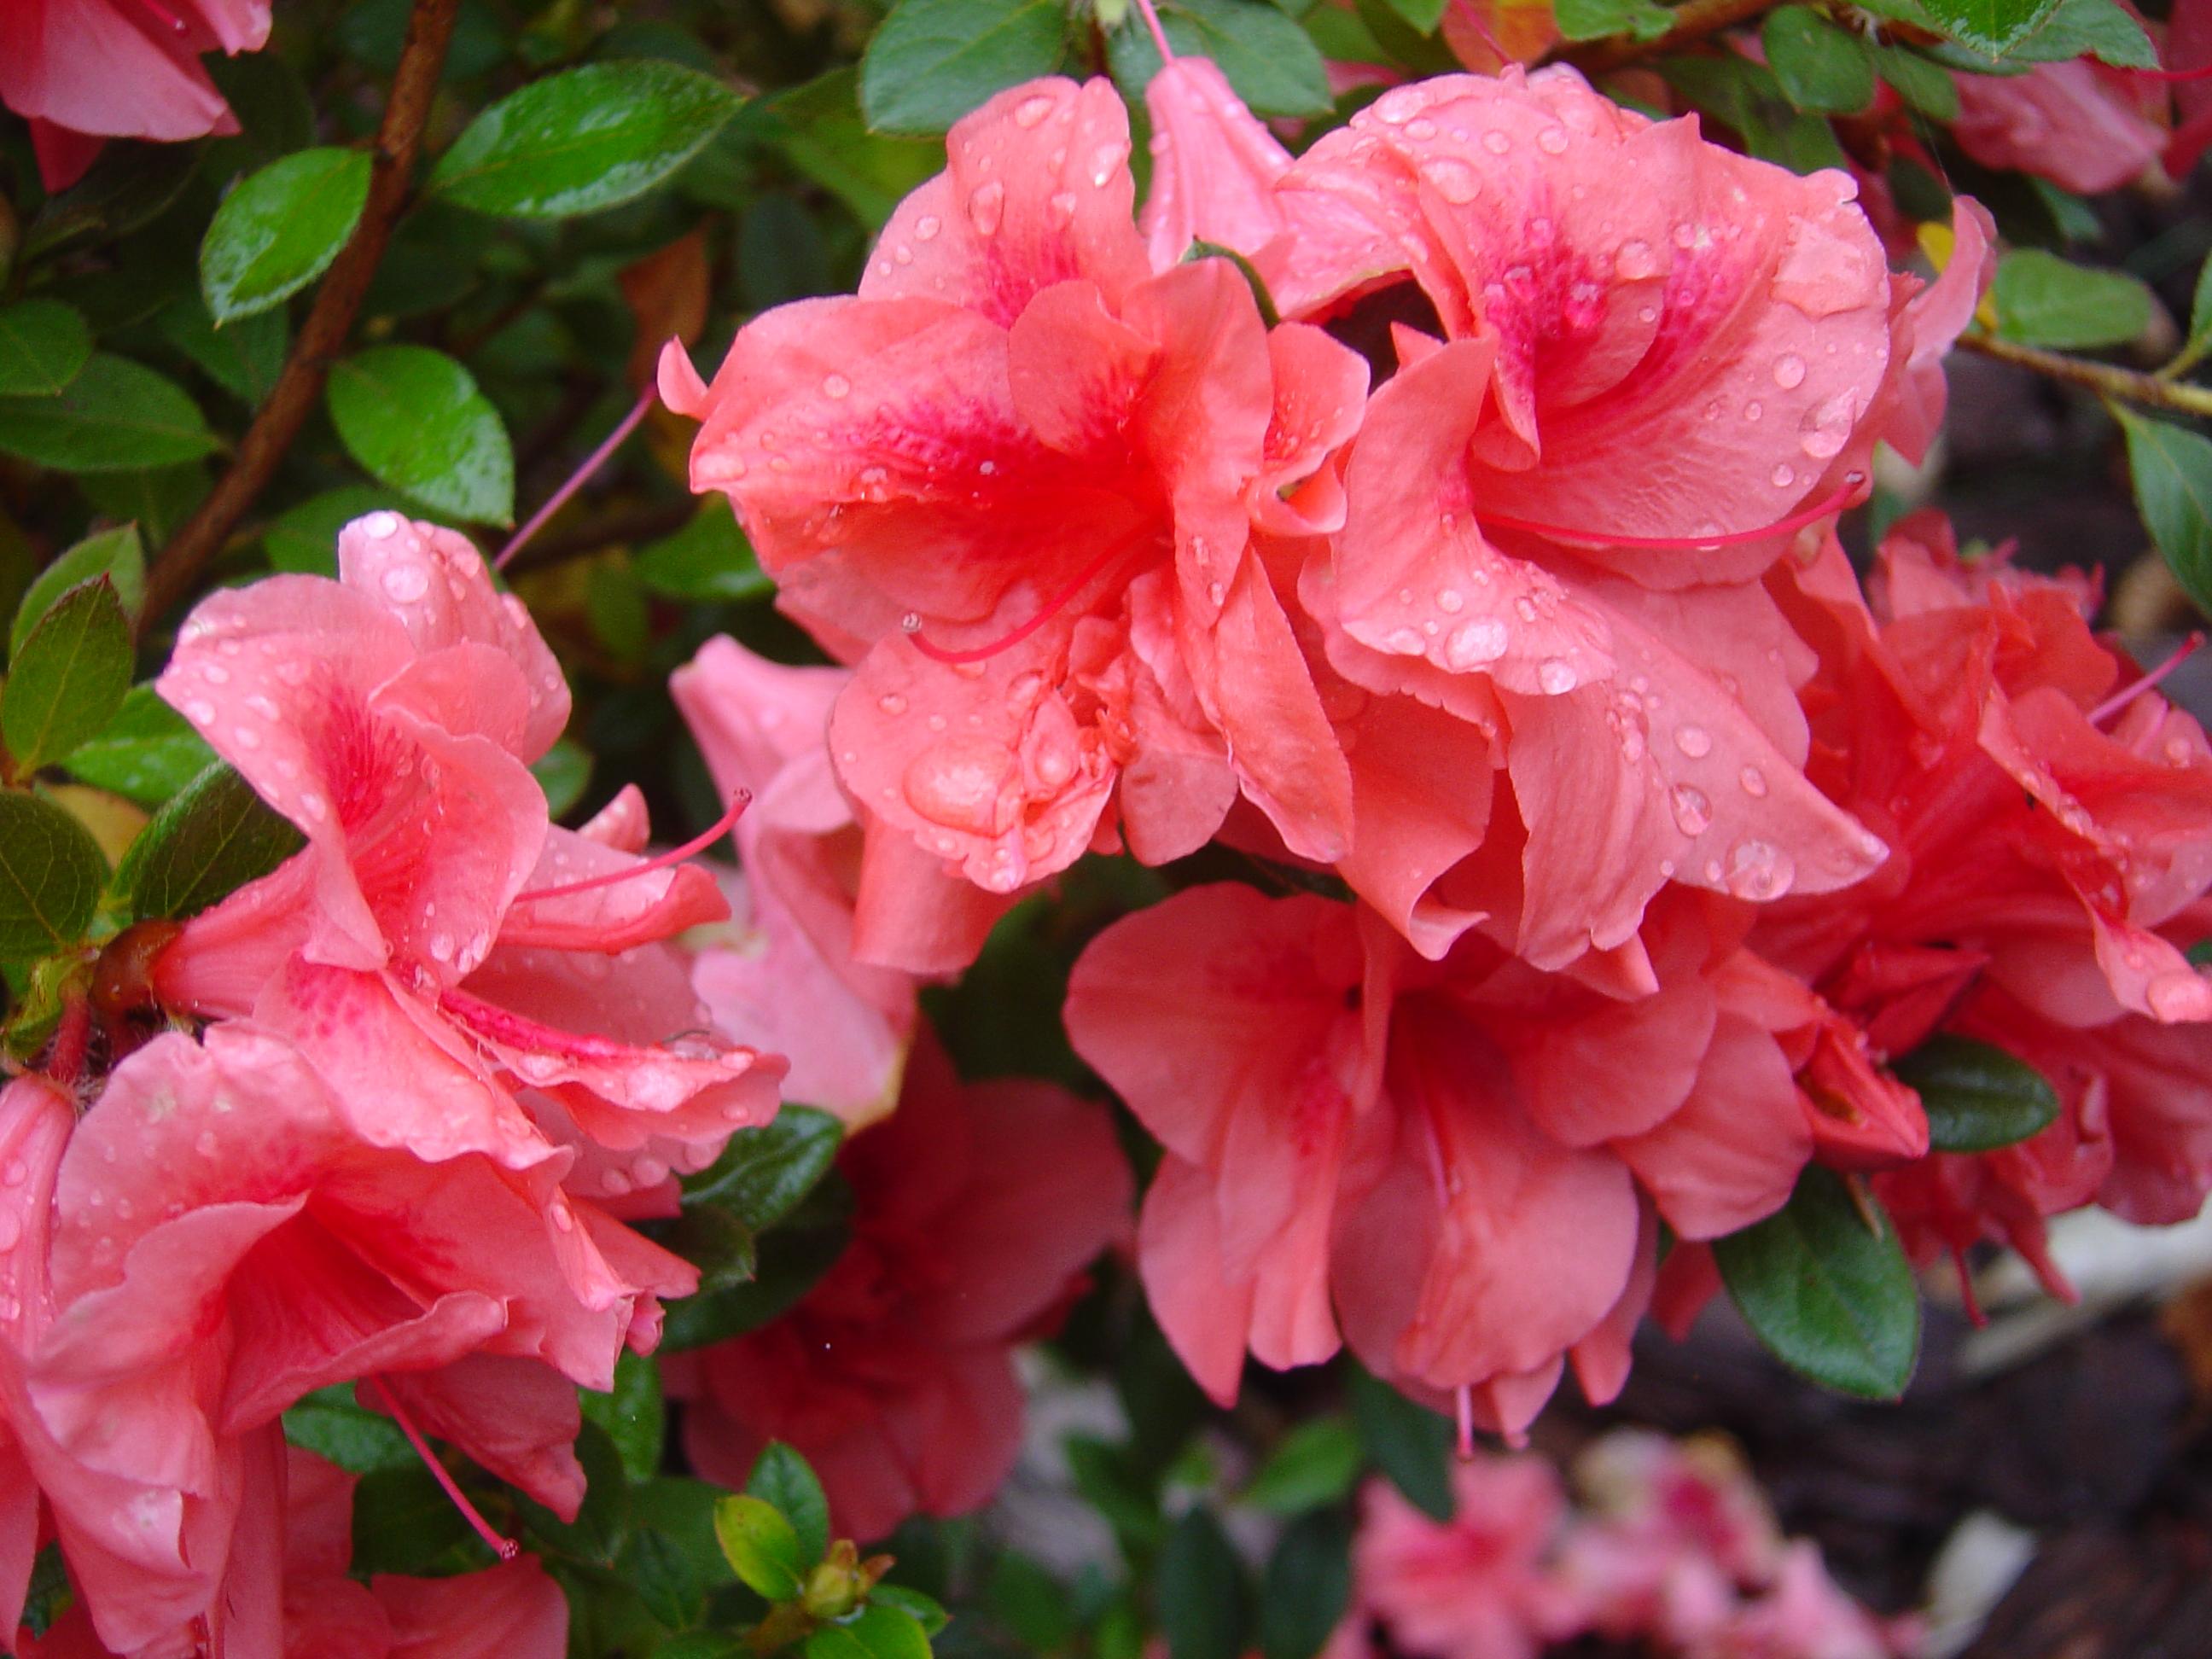 Pity the poor azalea ramblin 39 through dave 39 s garden for The azalea